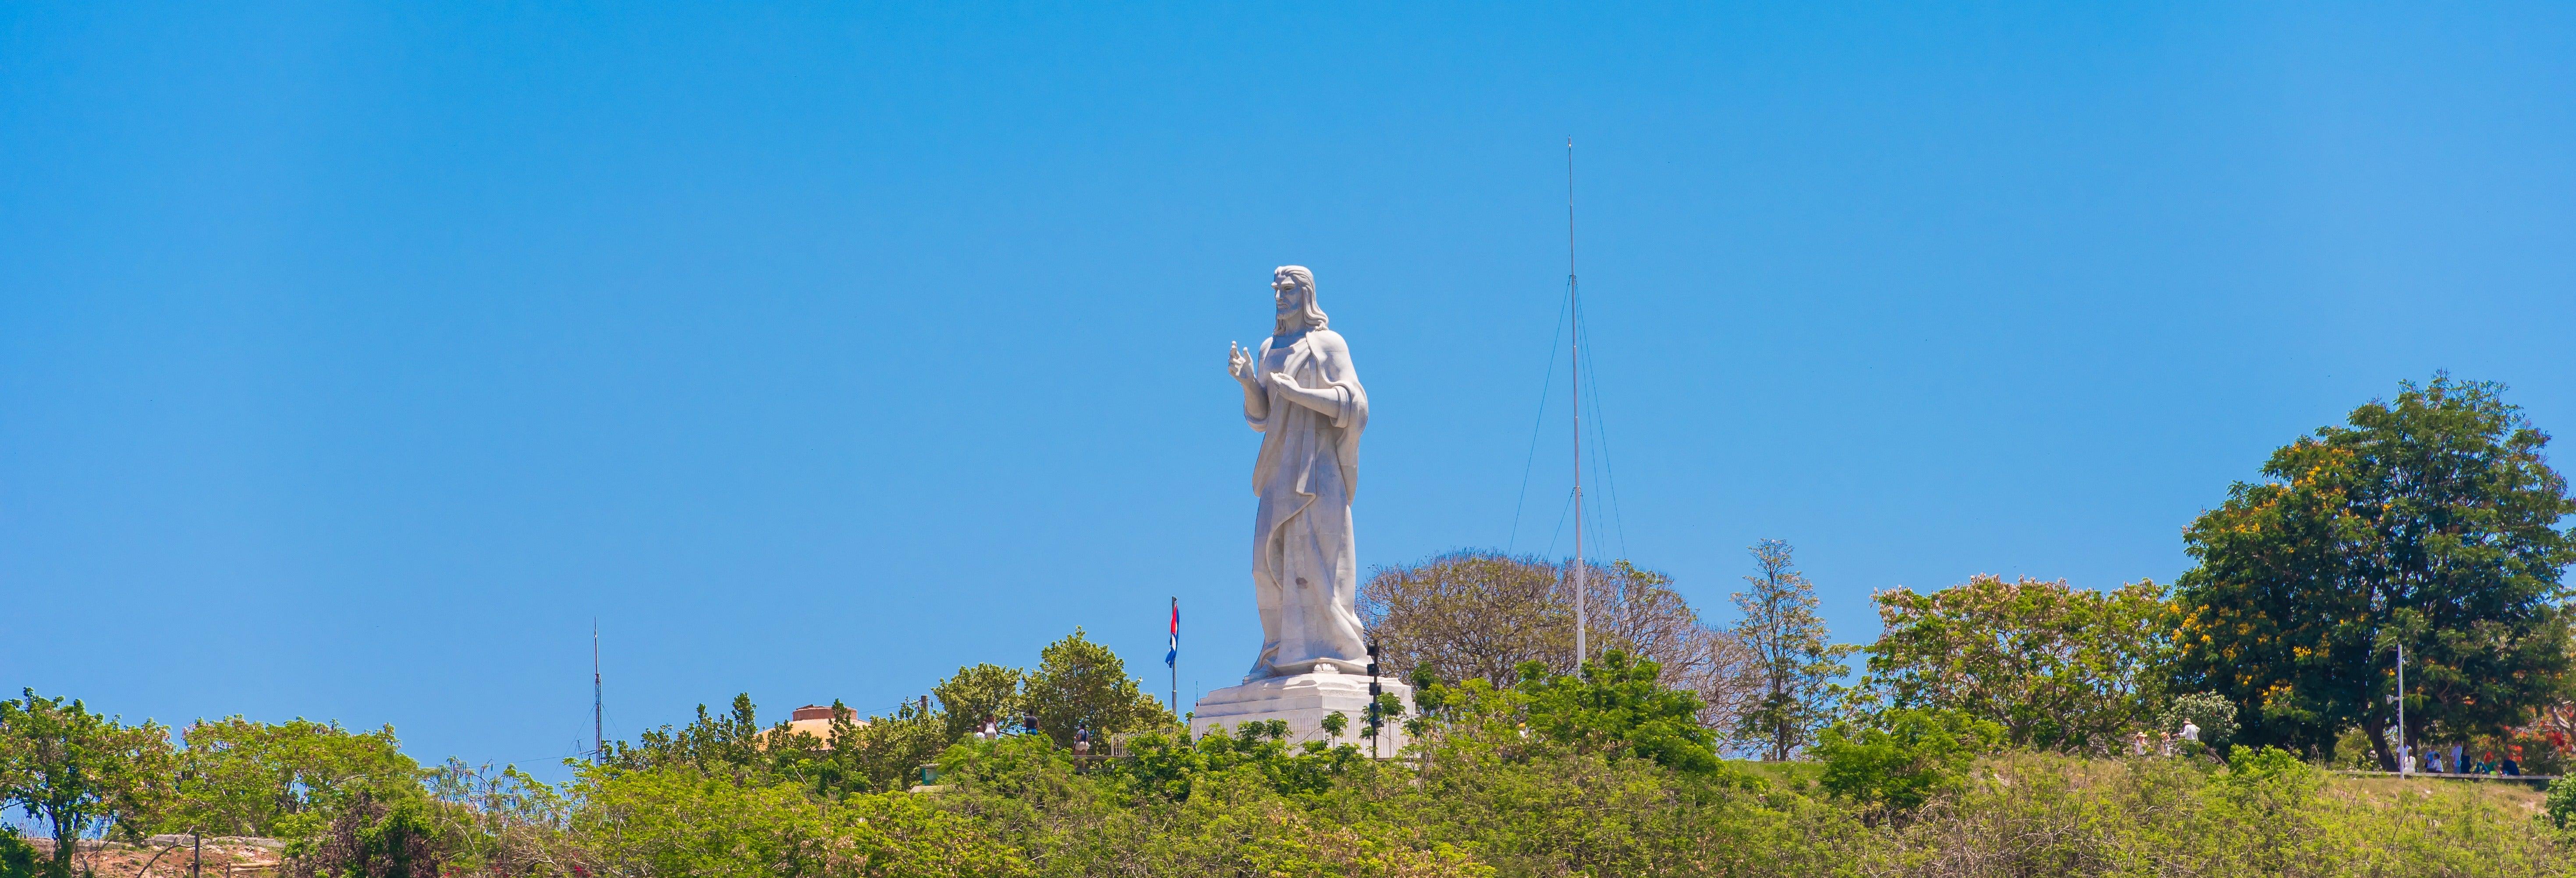 Tour de La Virgen de Regla y el Cristo de La Habana